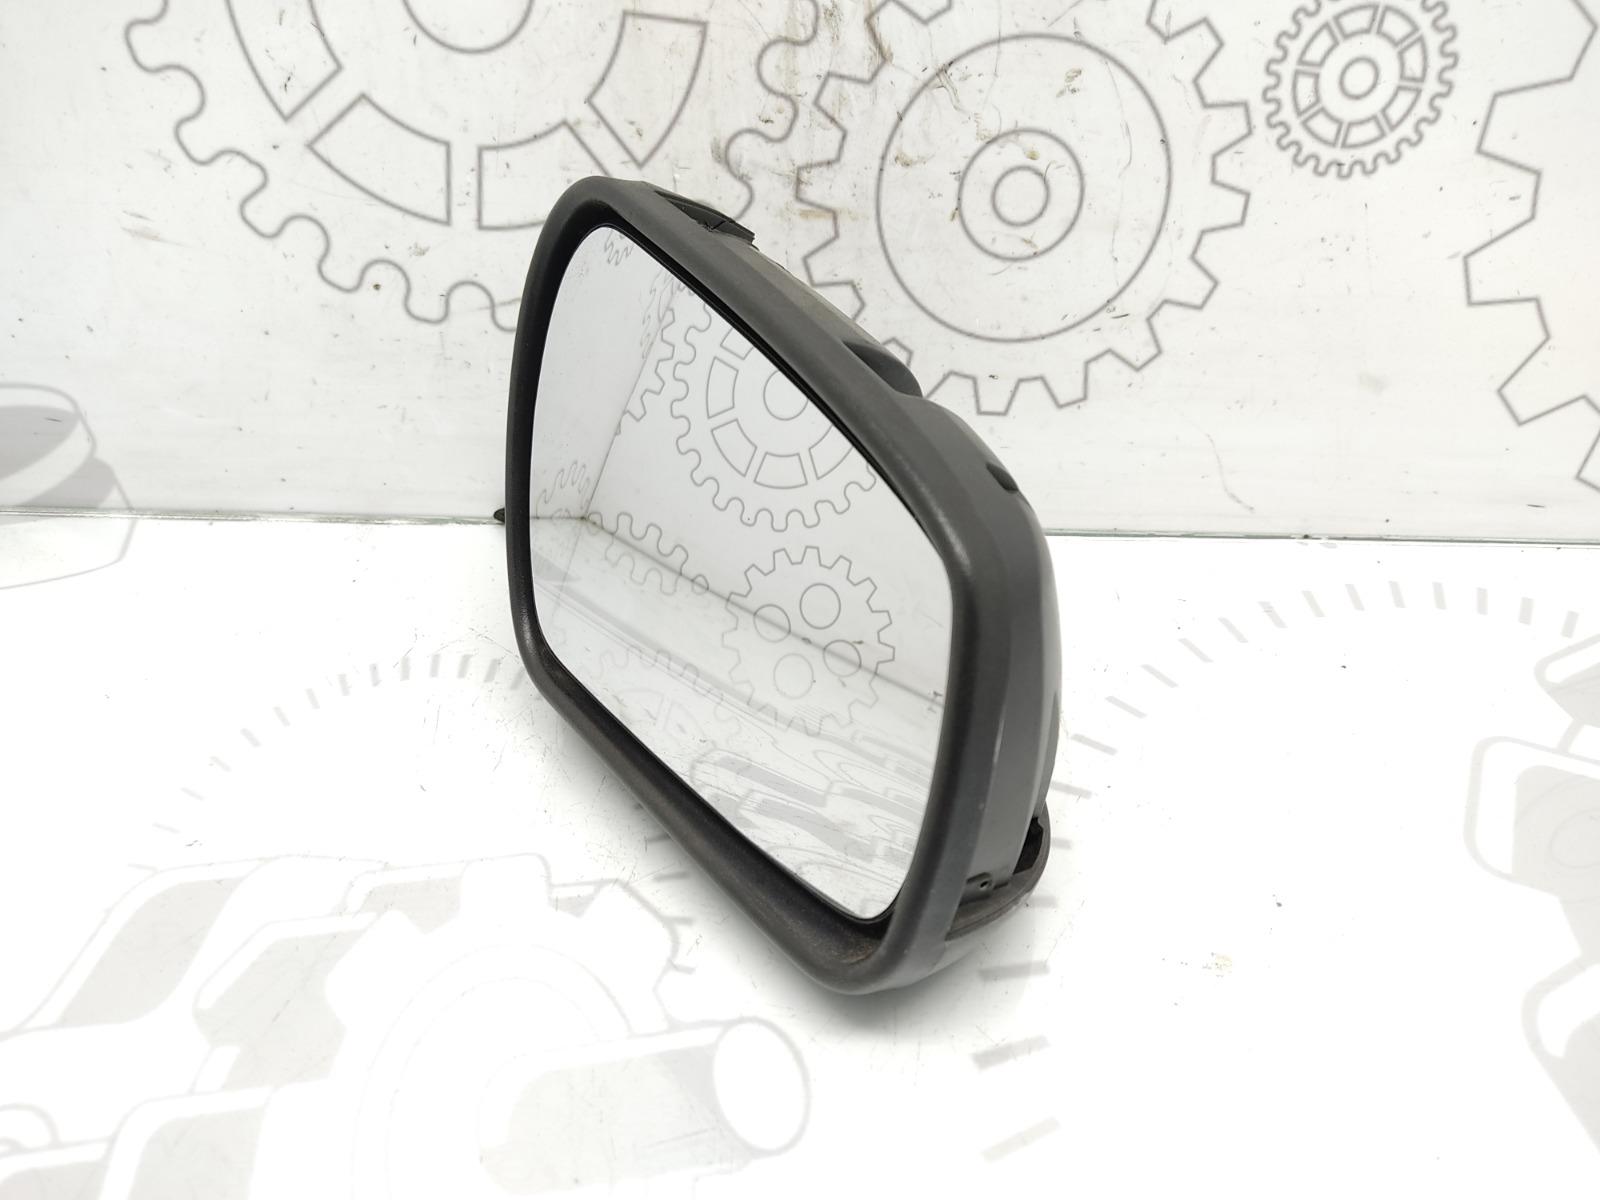 Зеркало наружное правое Ford Fiesta 1.4 TDCI 2007 (б/у)